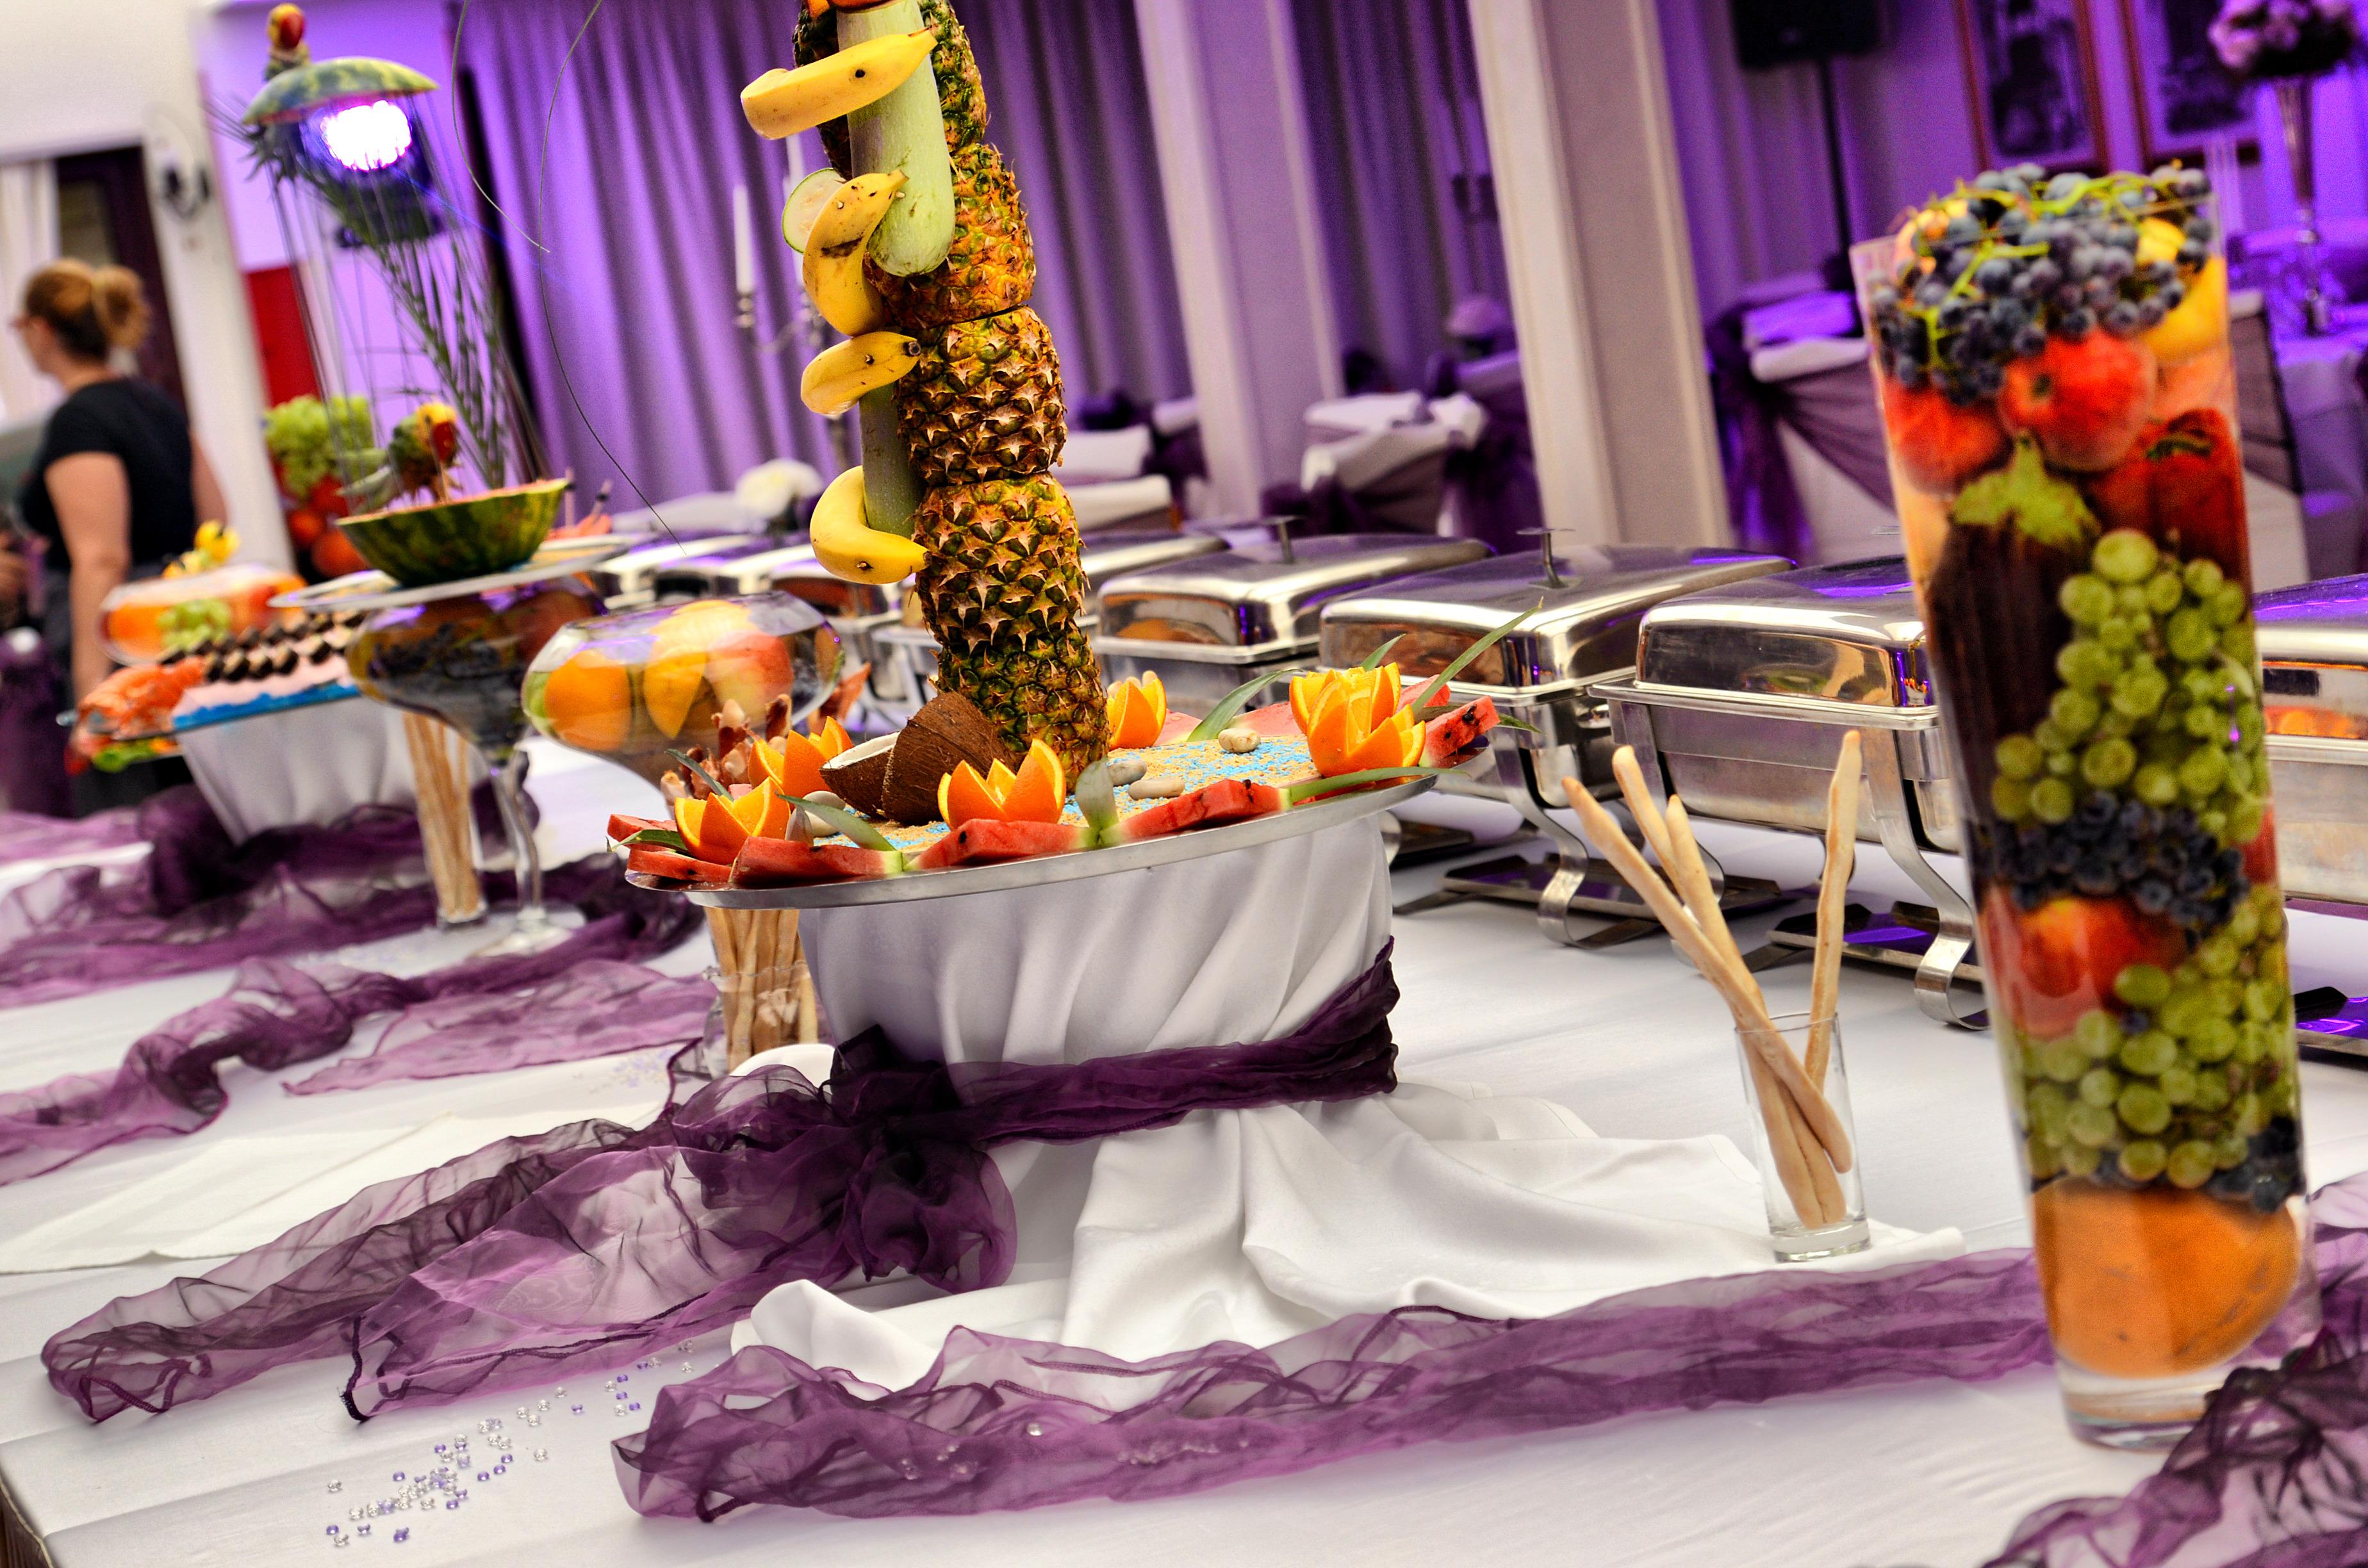 Hrana-dekoracije-2016-092